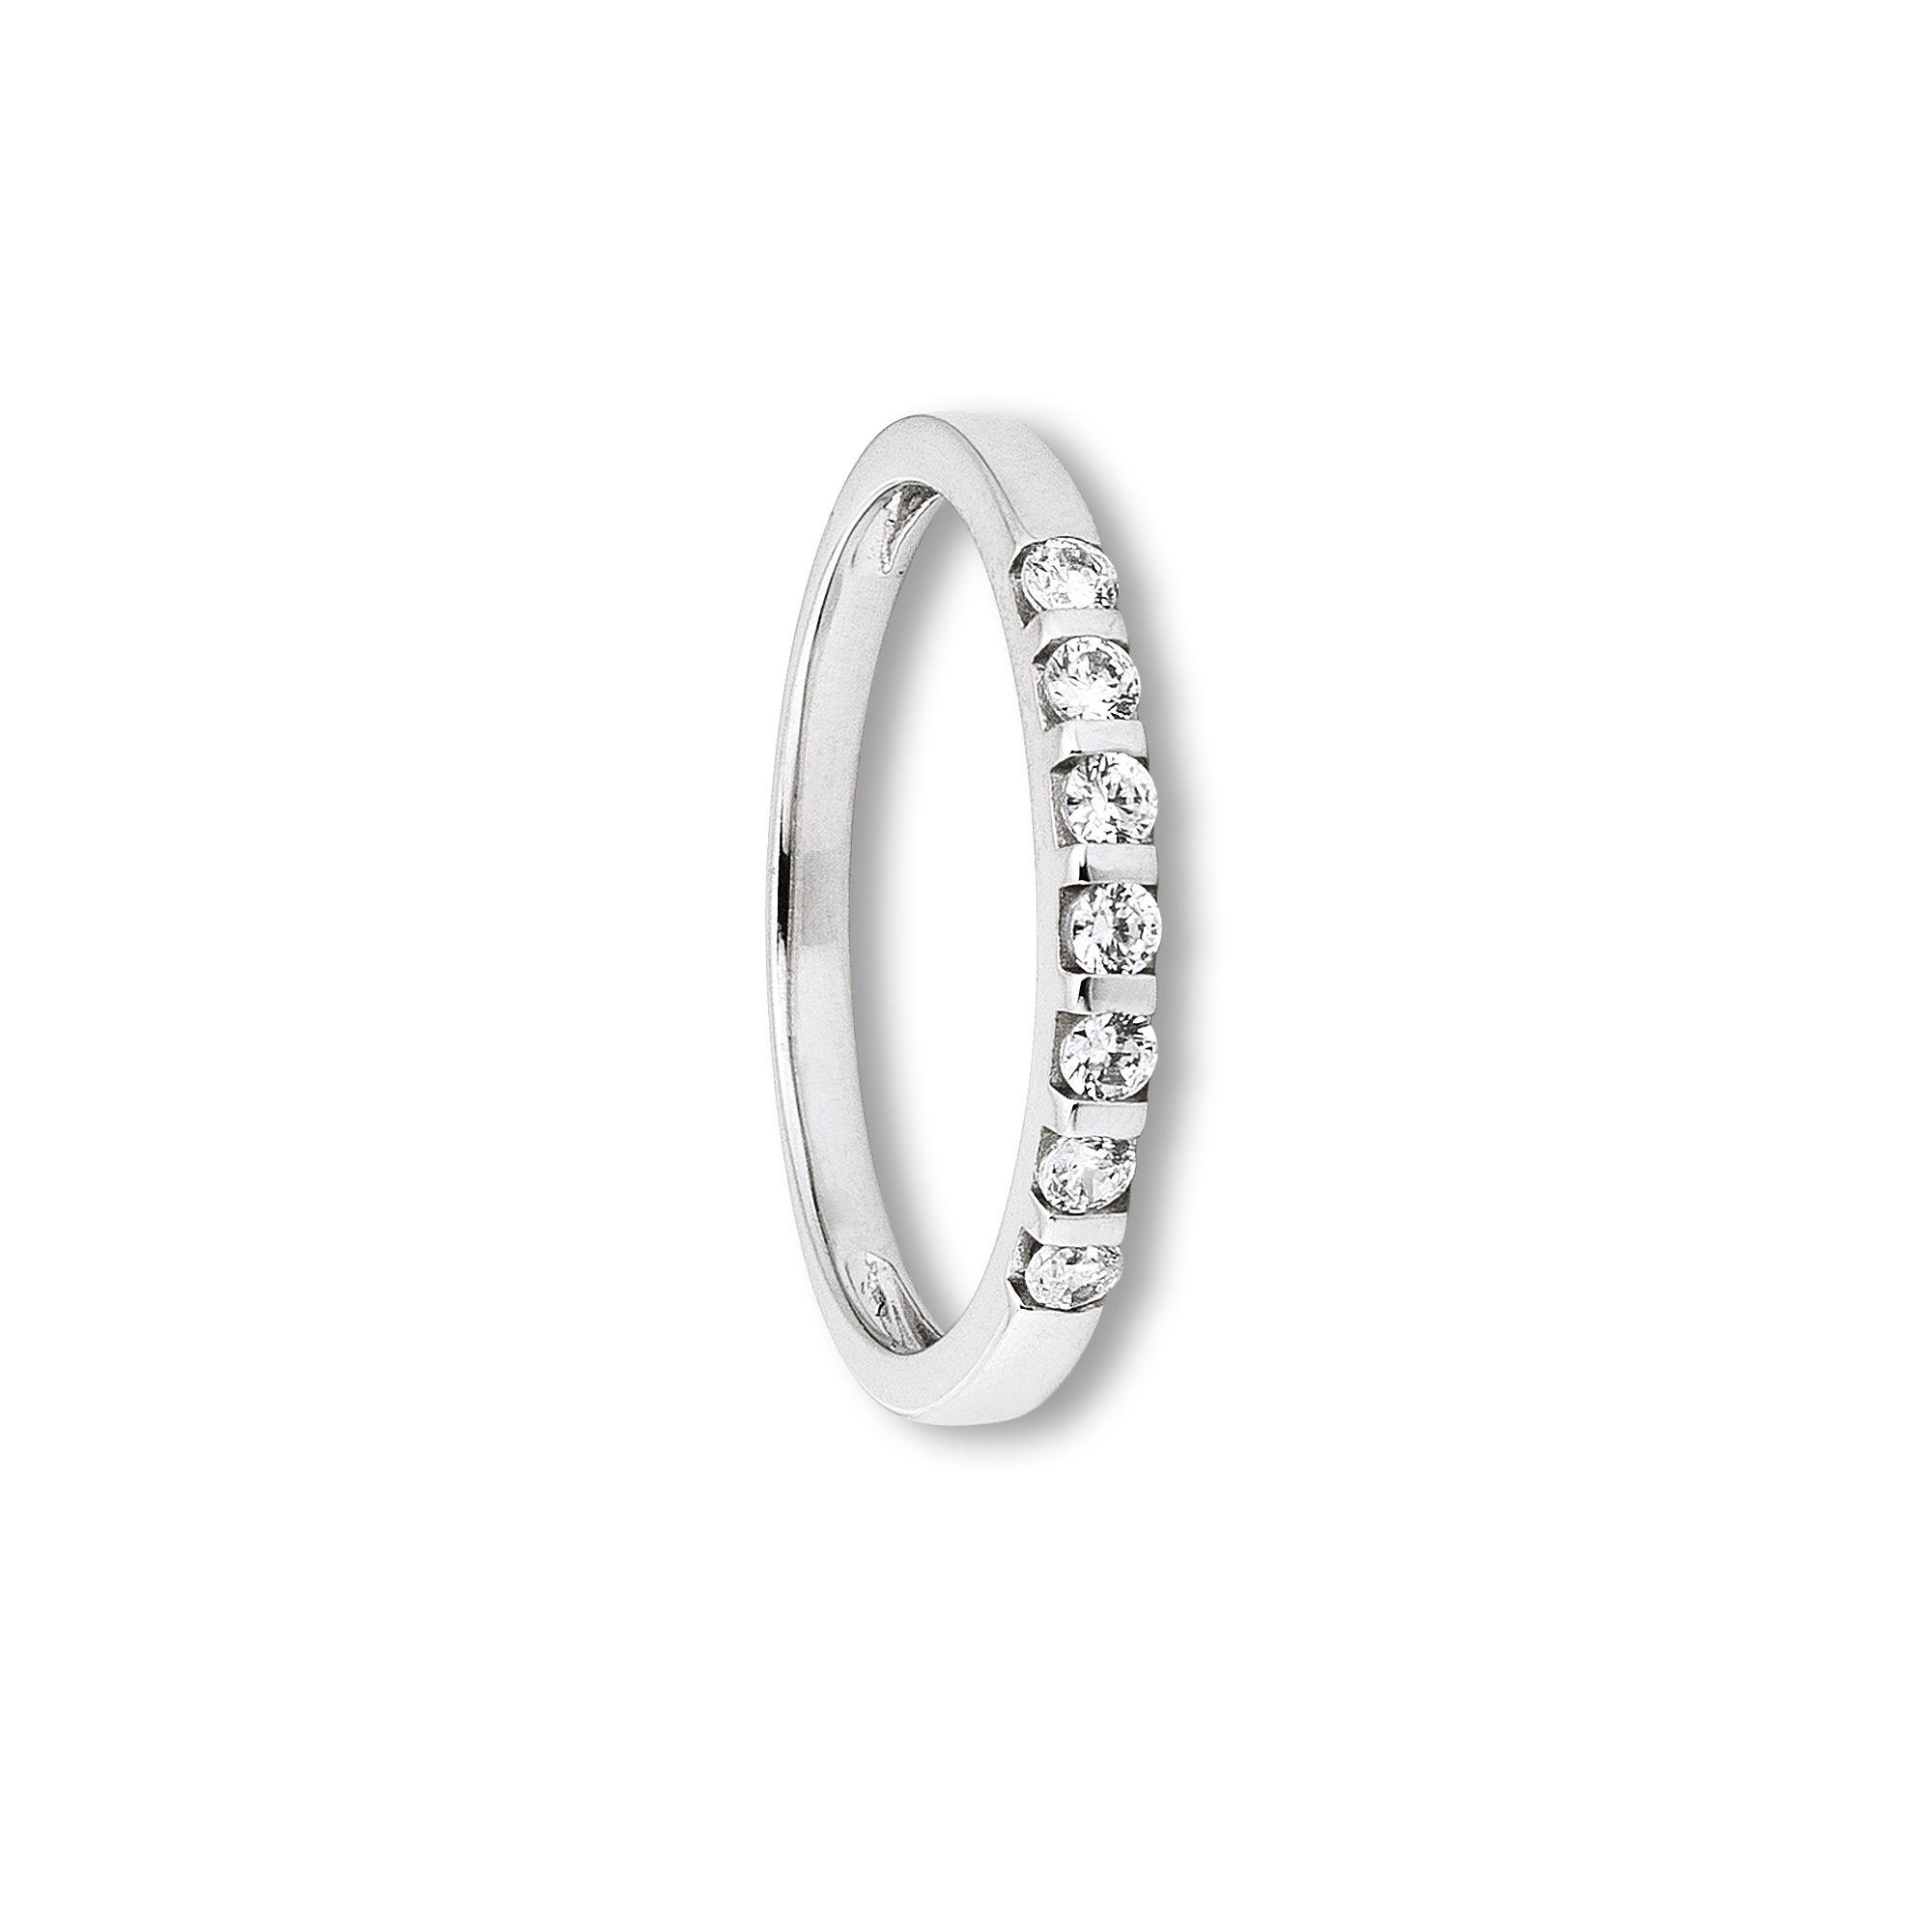 333 Weiß Gold | Ring 7 Steine